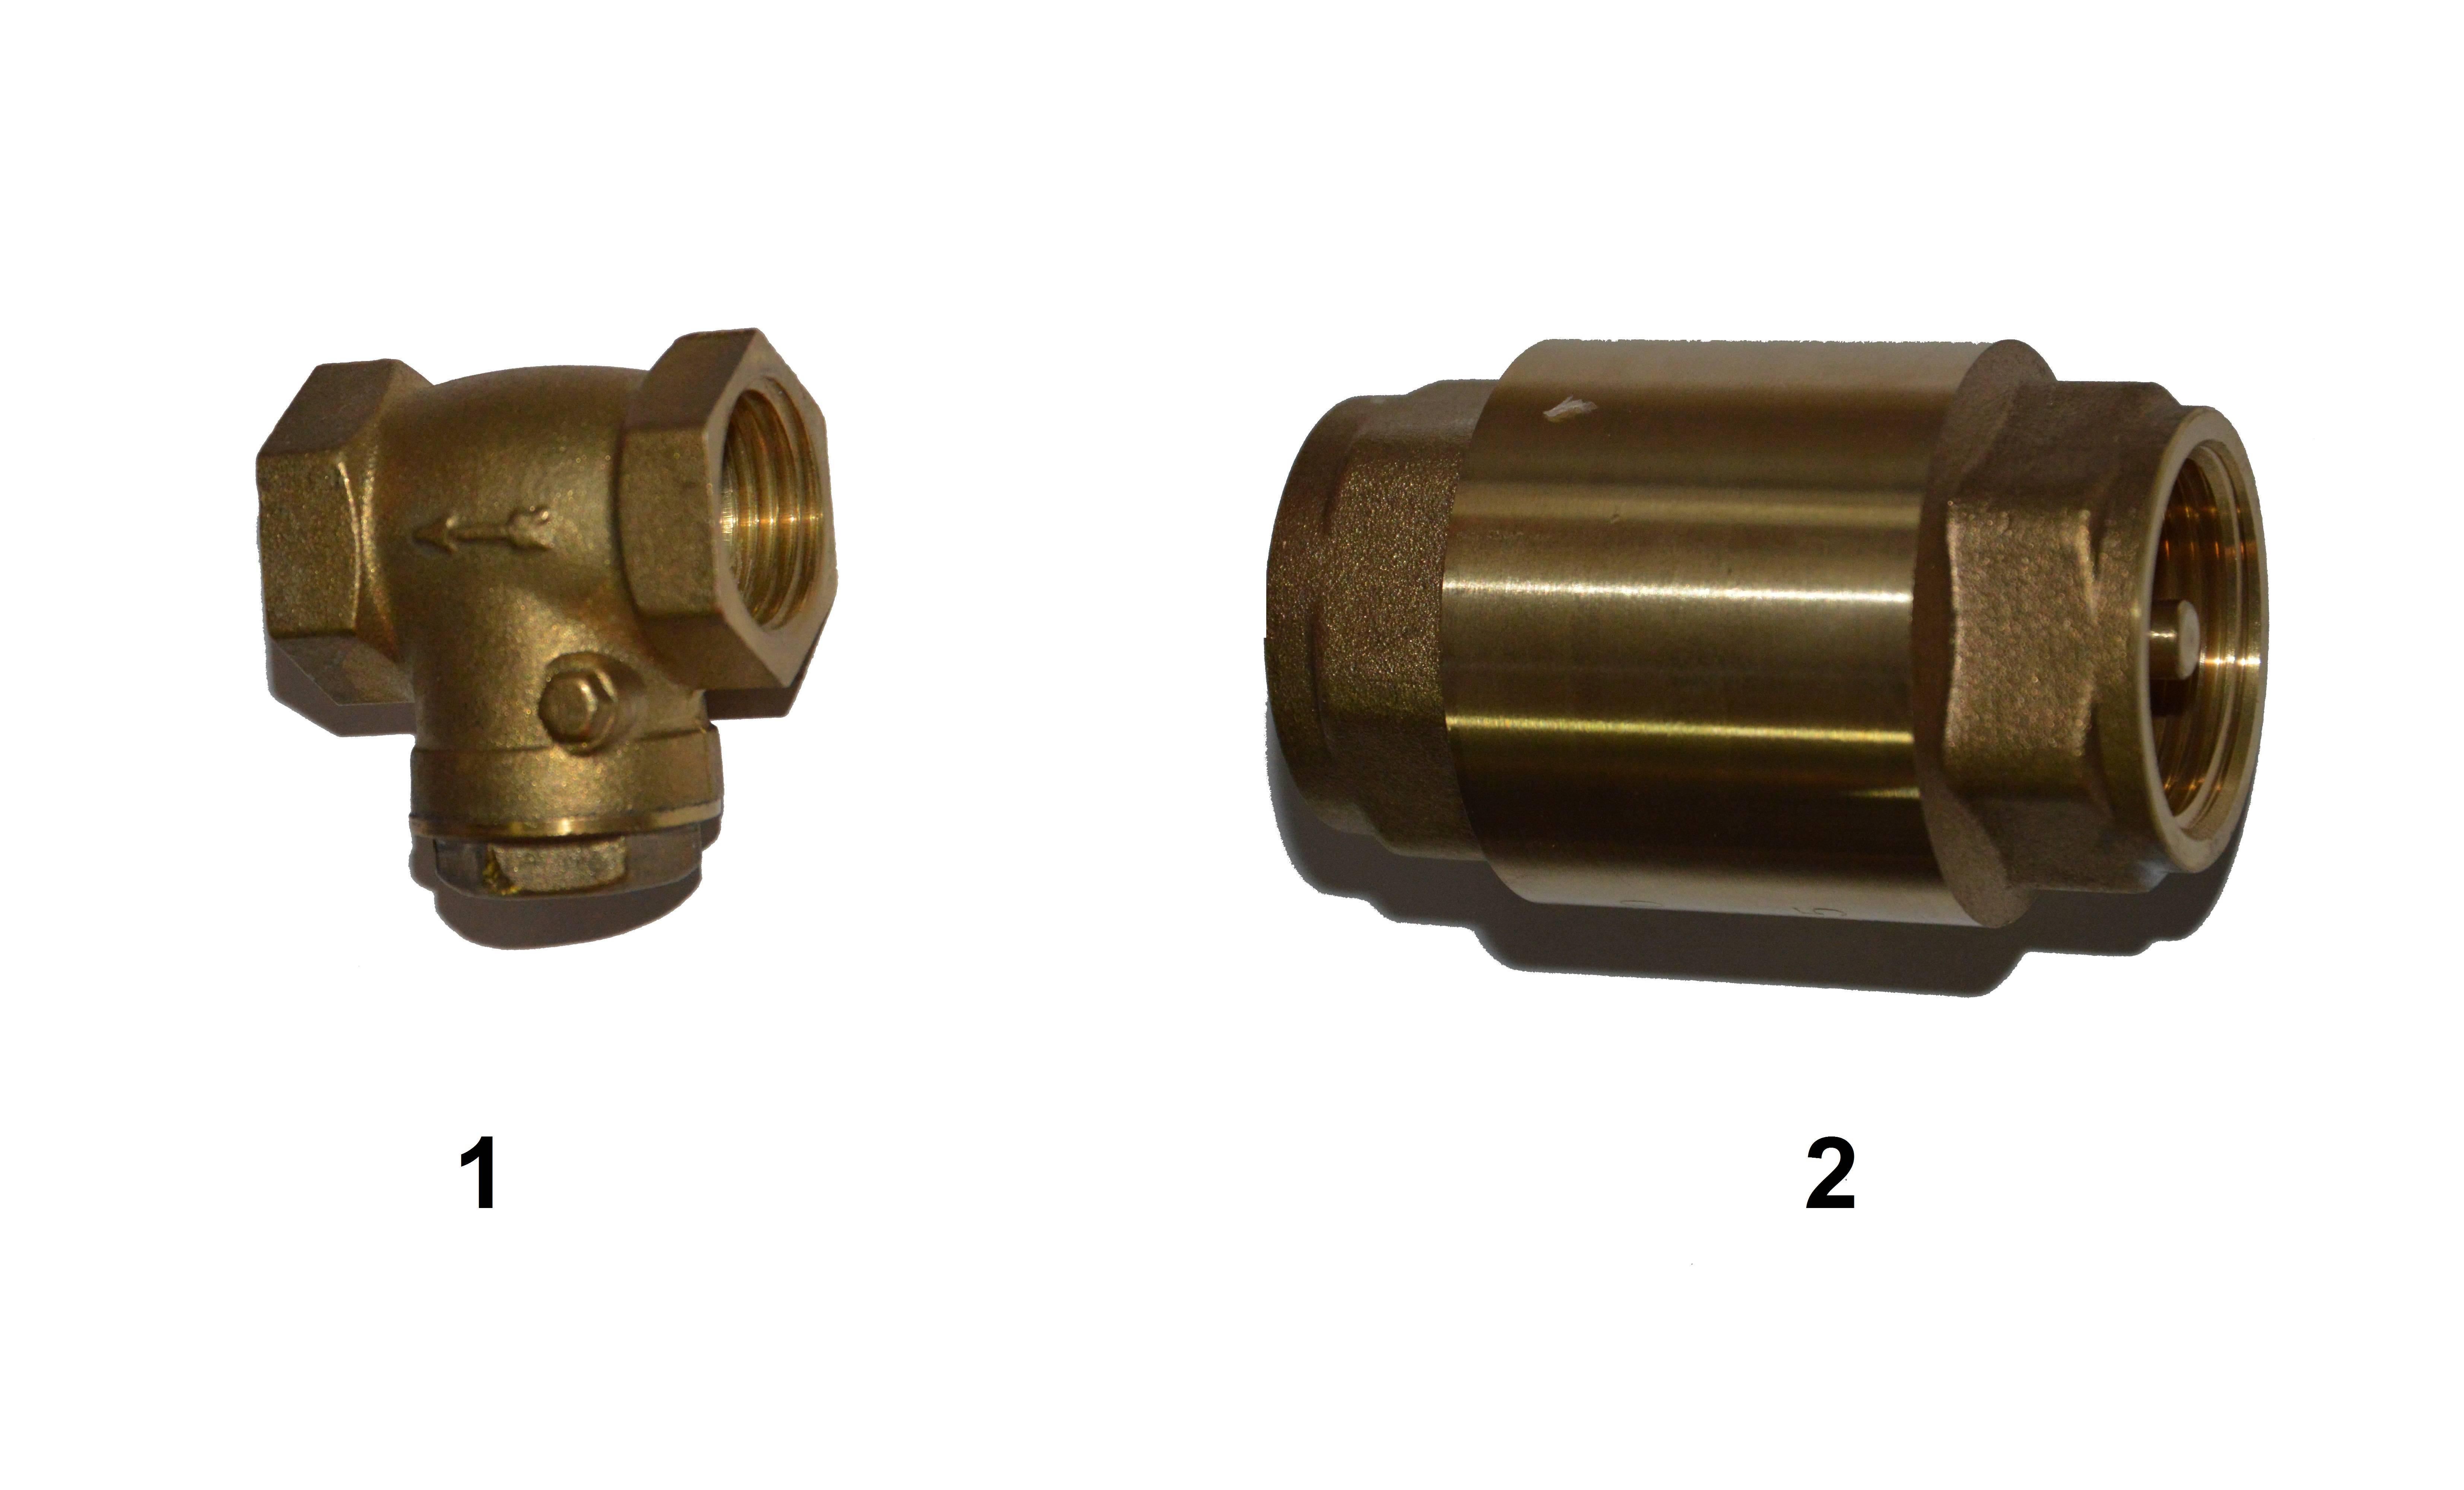 Канализационный обратный клапан – назначение, виды и самостоятельная установка